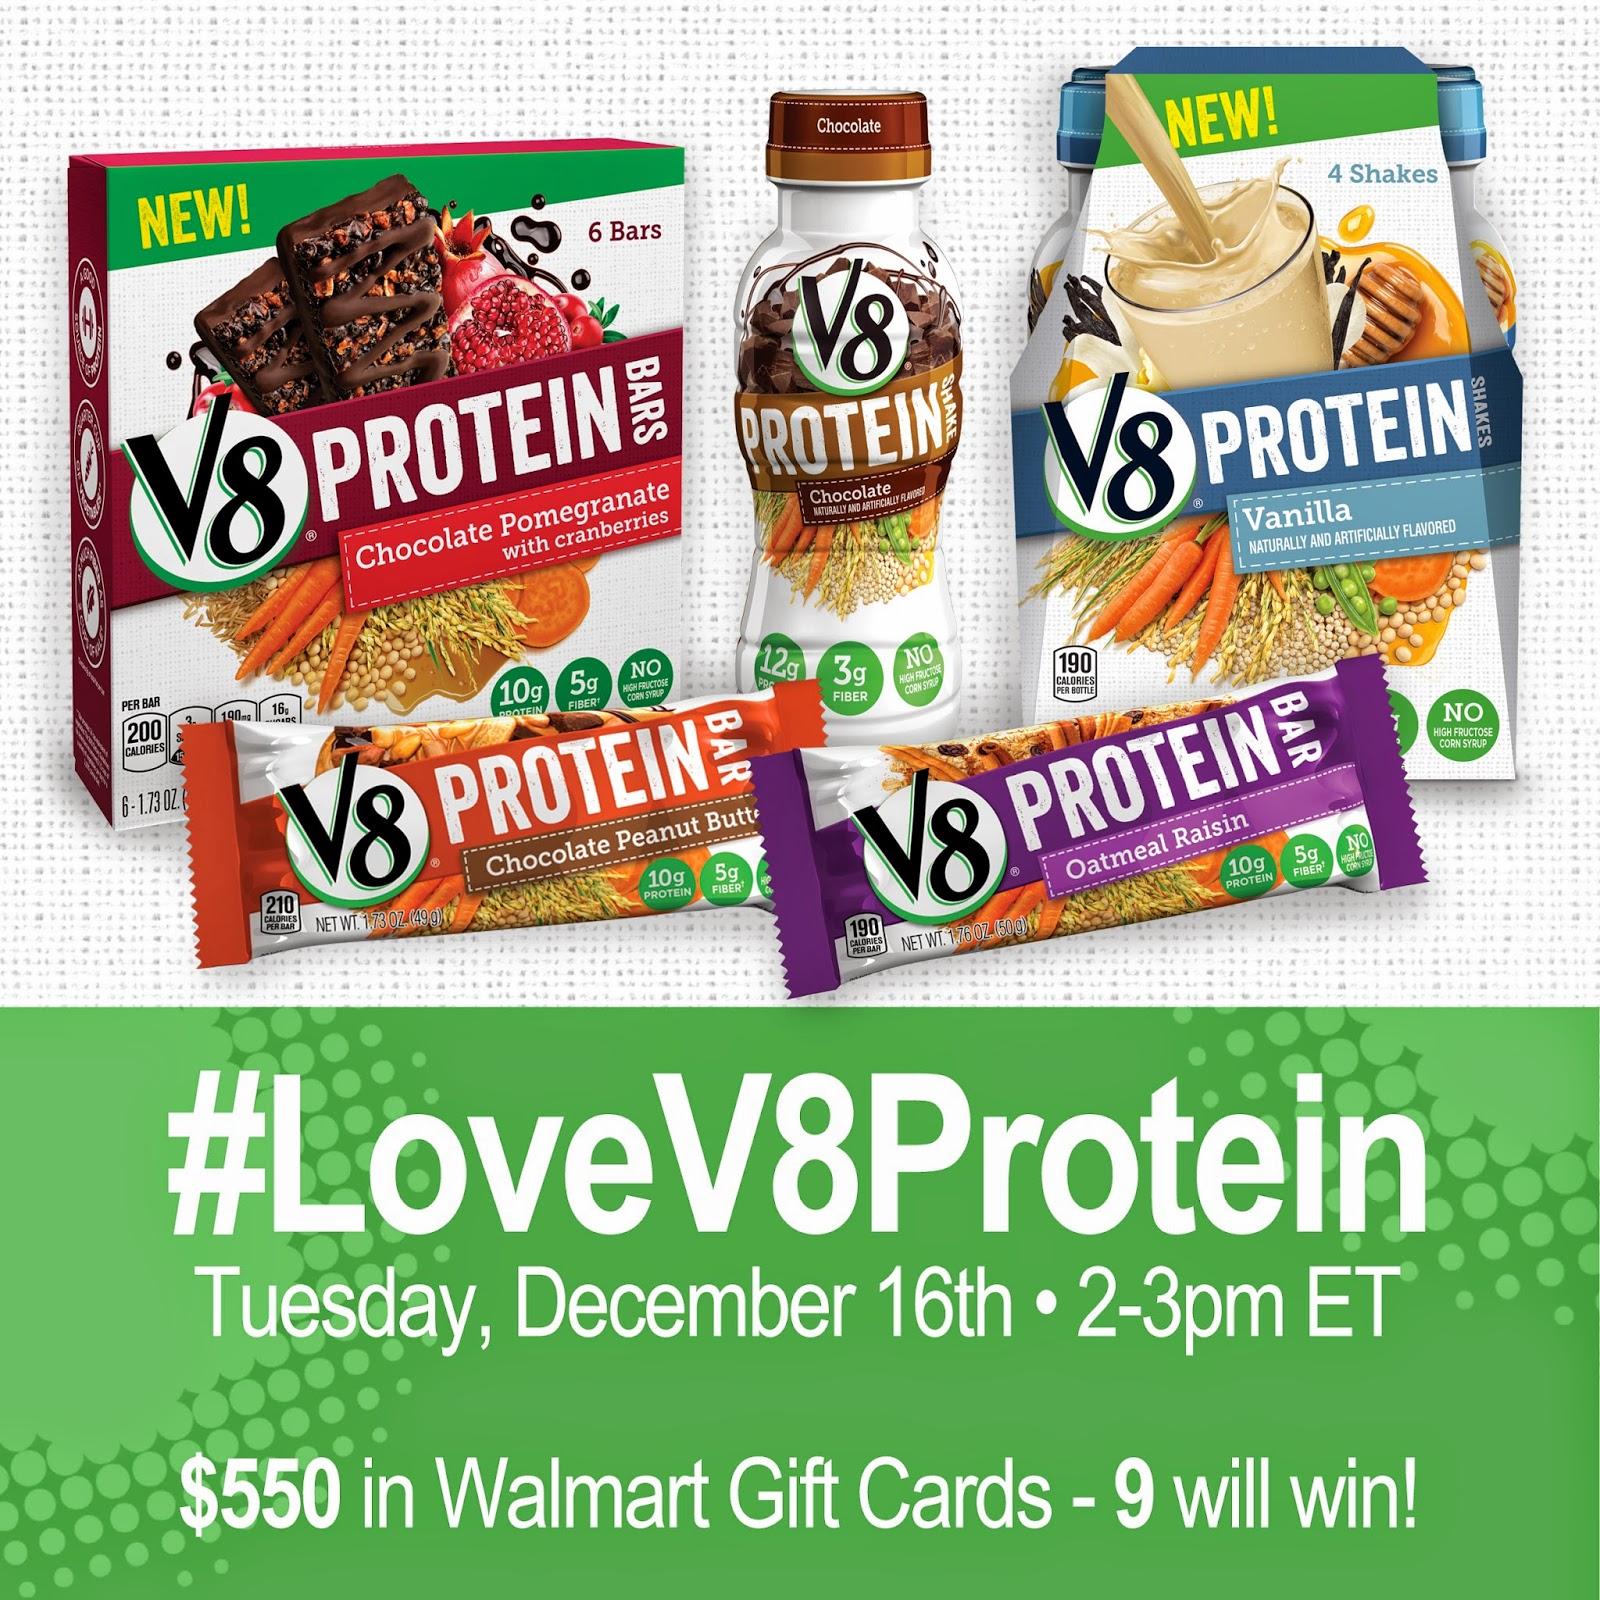 #LoveV8Protein 12-16-14